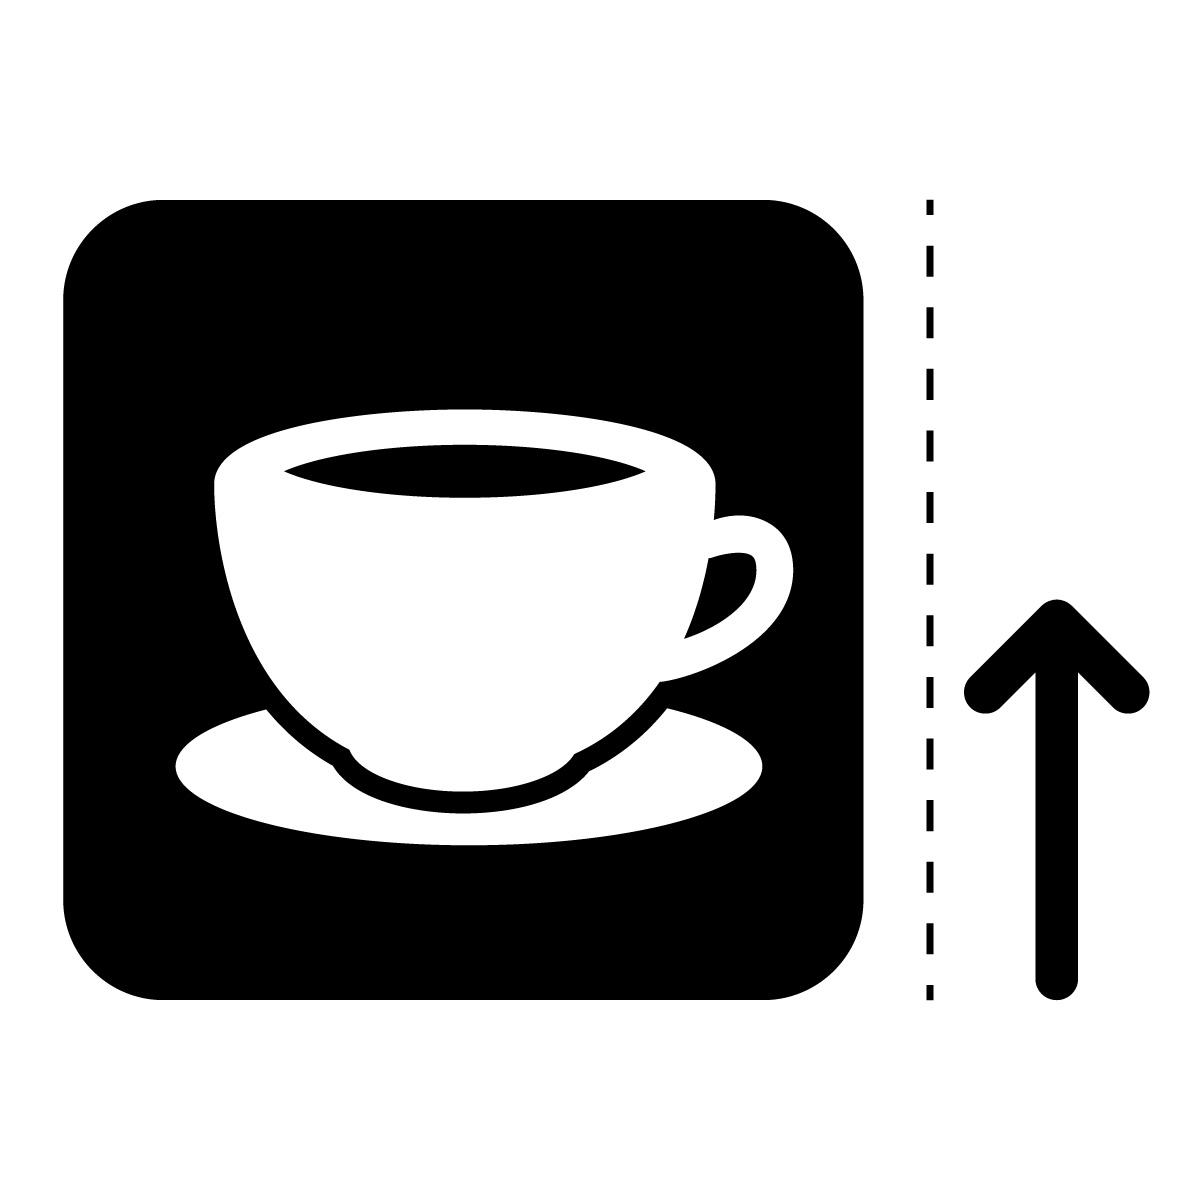 黒色のコーヒー カフェ 喫茶店 案内 マーク(矢印付き)のカッティング ステッカー シール 光沢タイプ・防水・耐水・屋外耐候3~4年